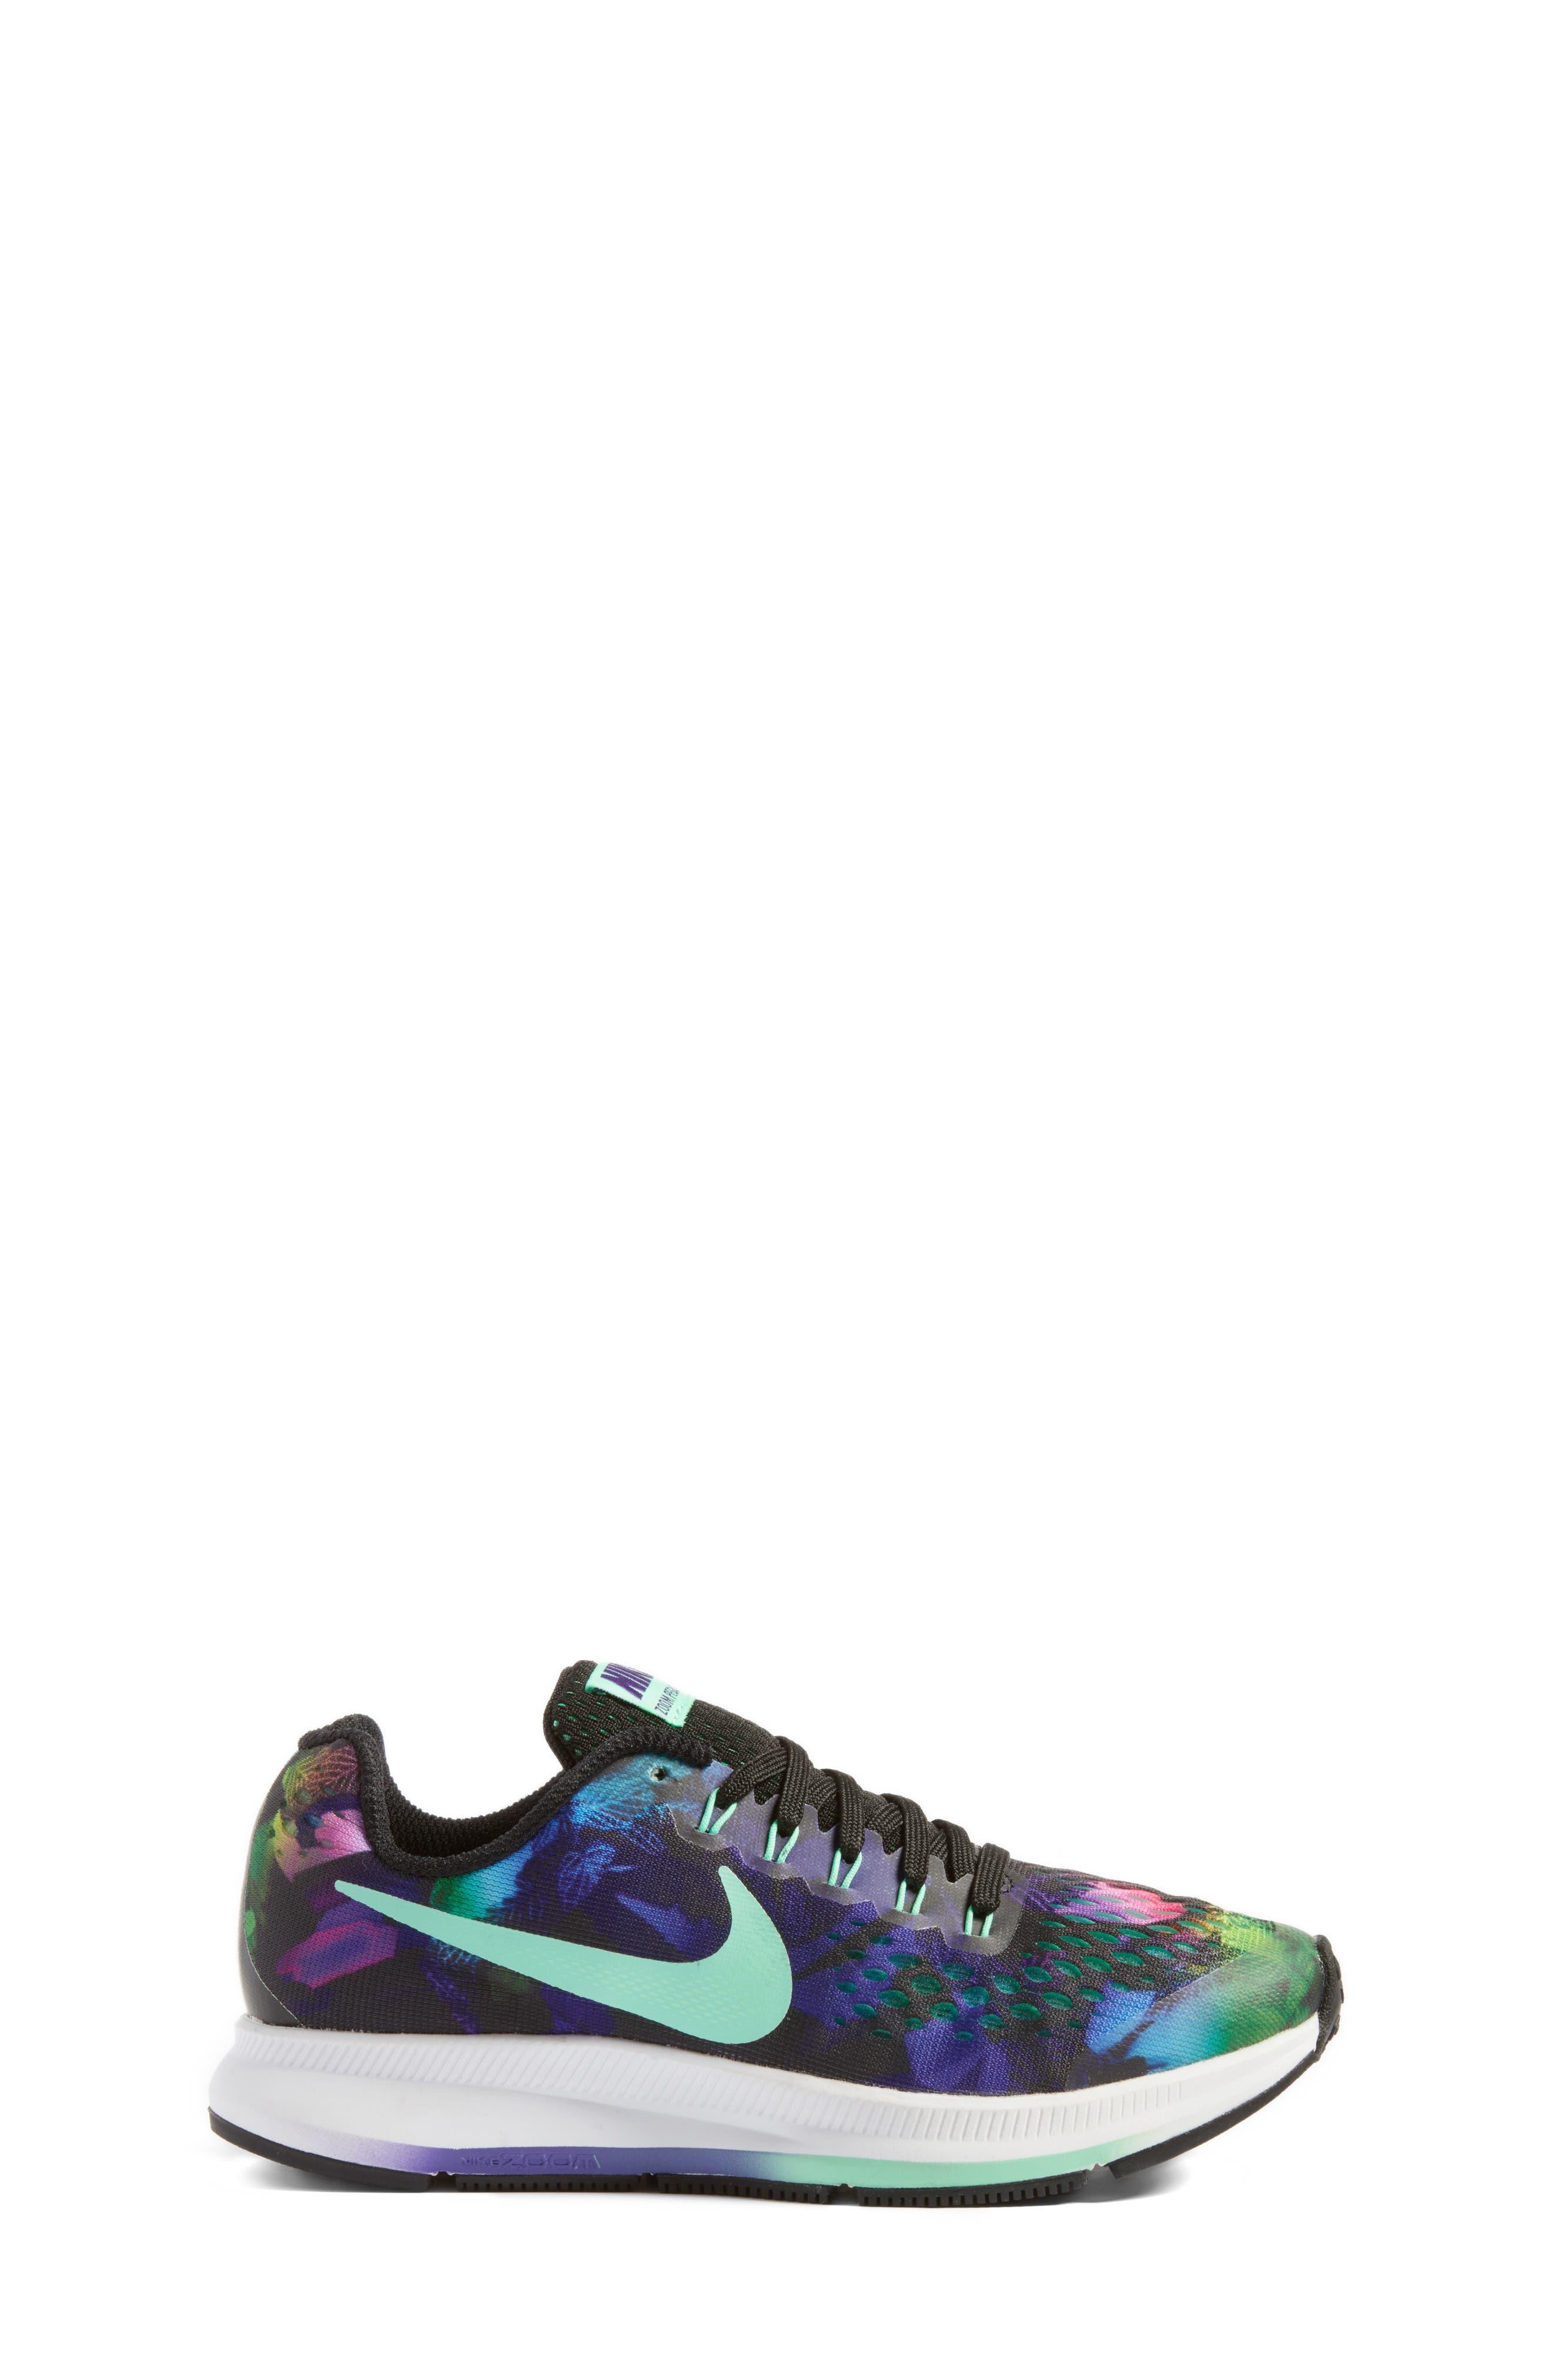 Alternate Image 3  - Nike Zoom Pegasus 34 Print Sneaker (Little Kid & Big Kid)